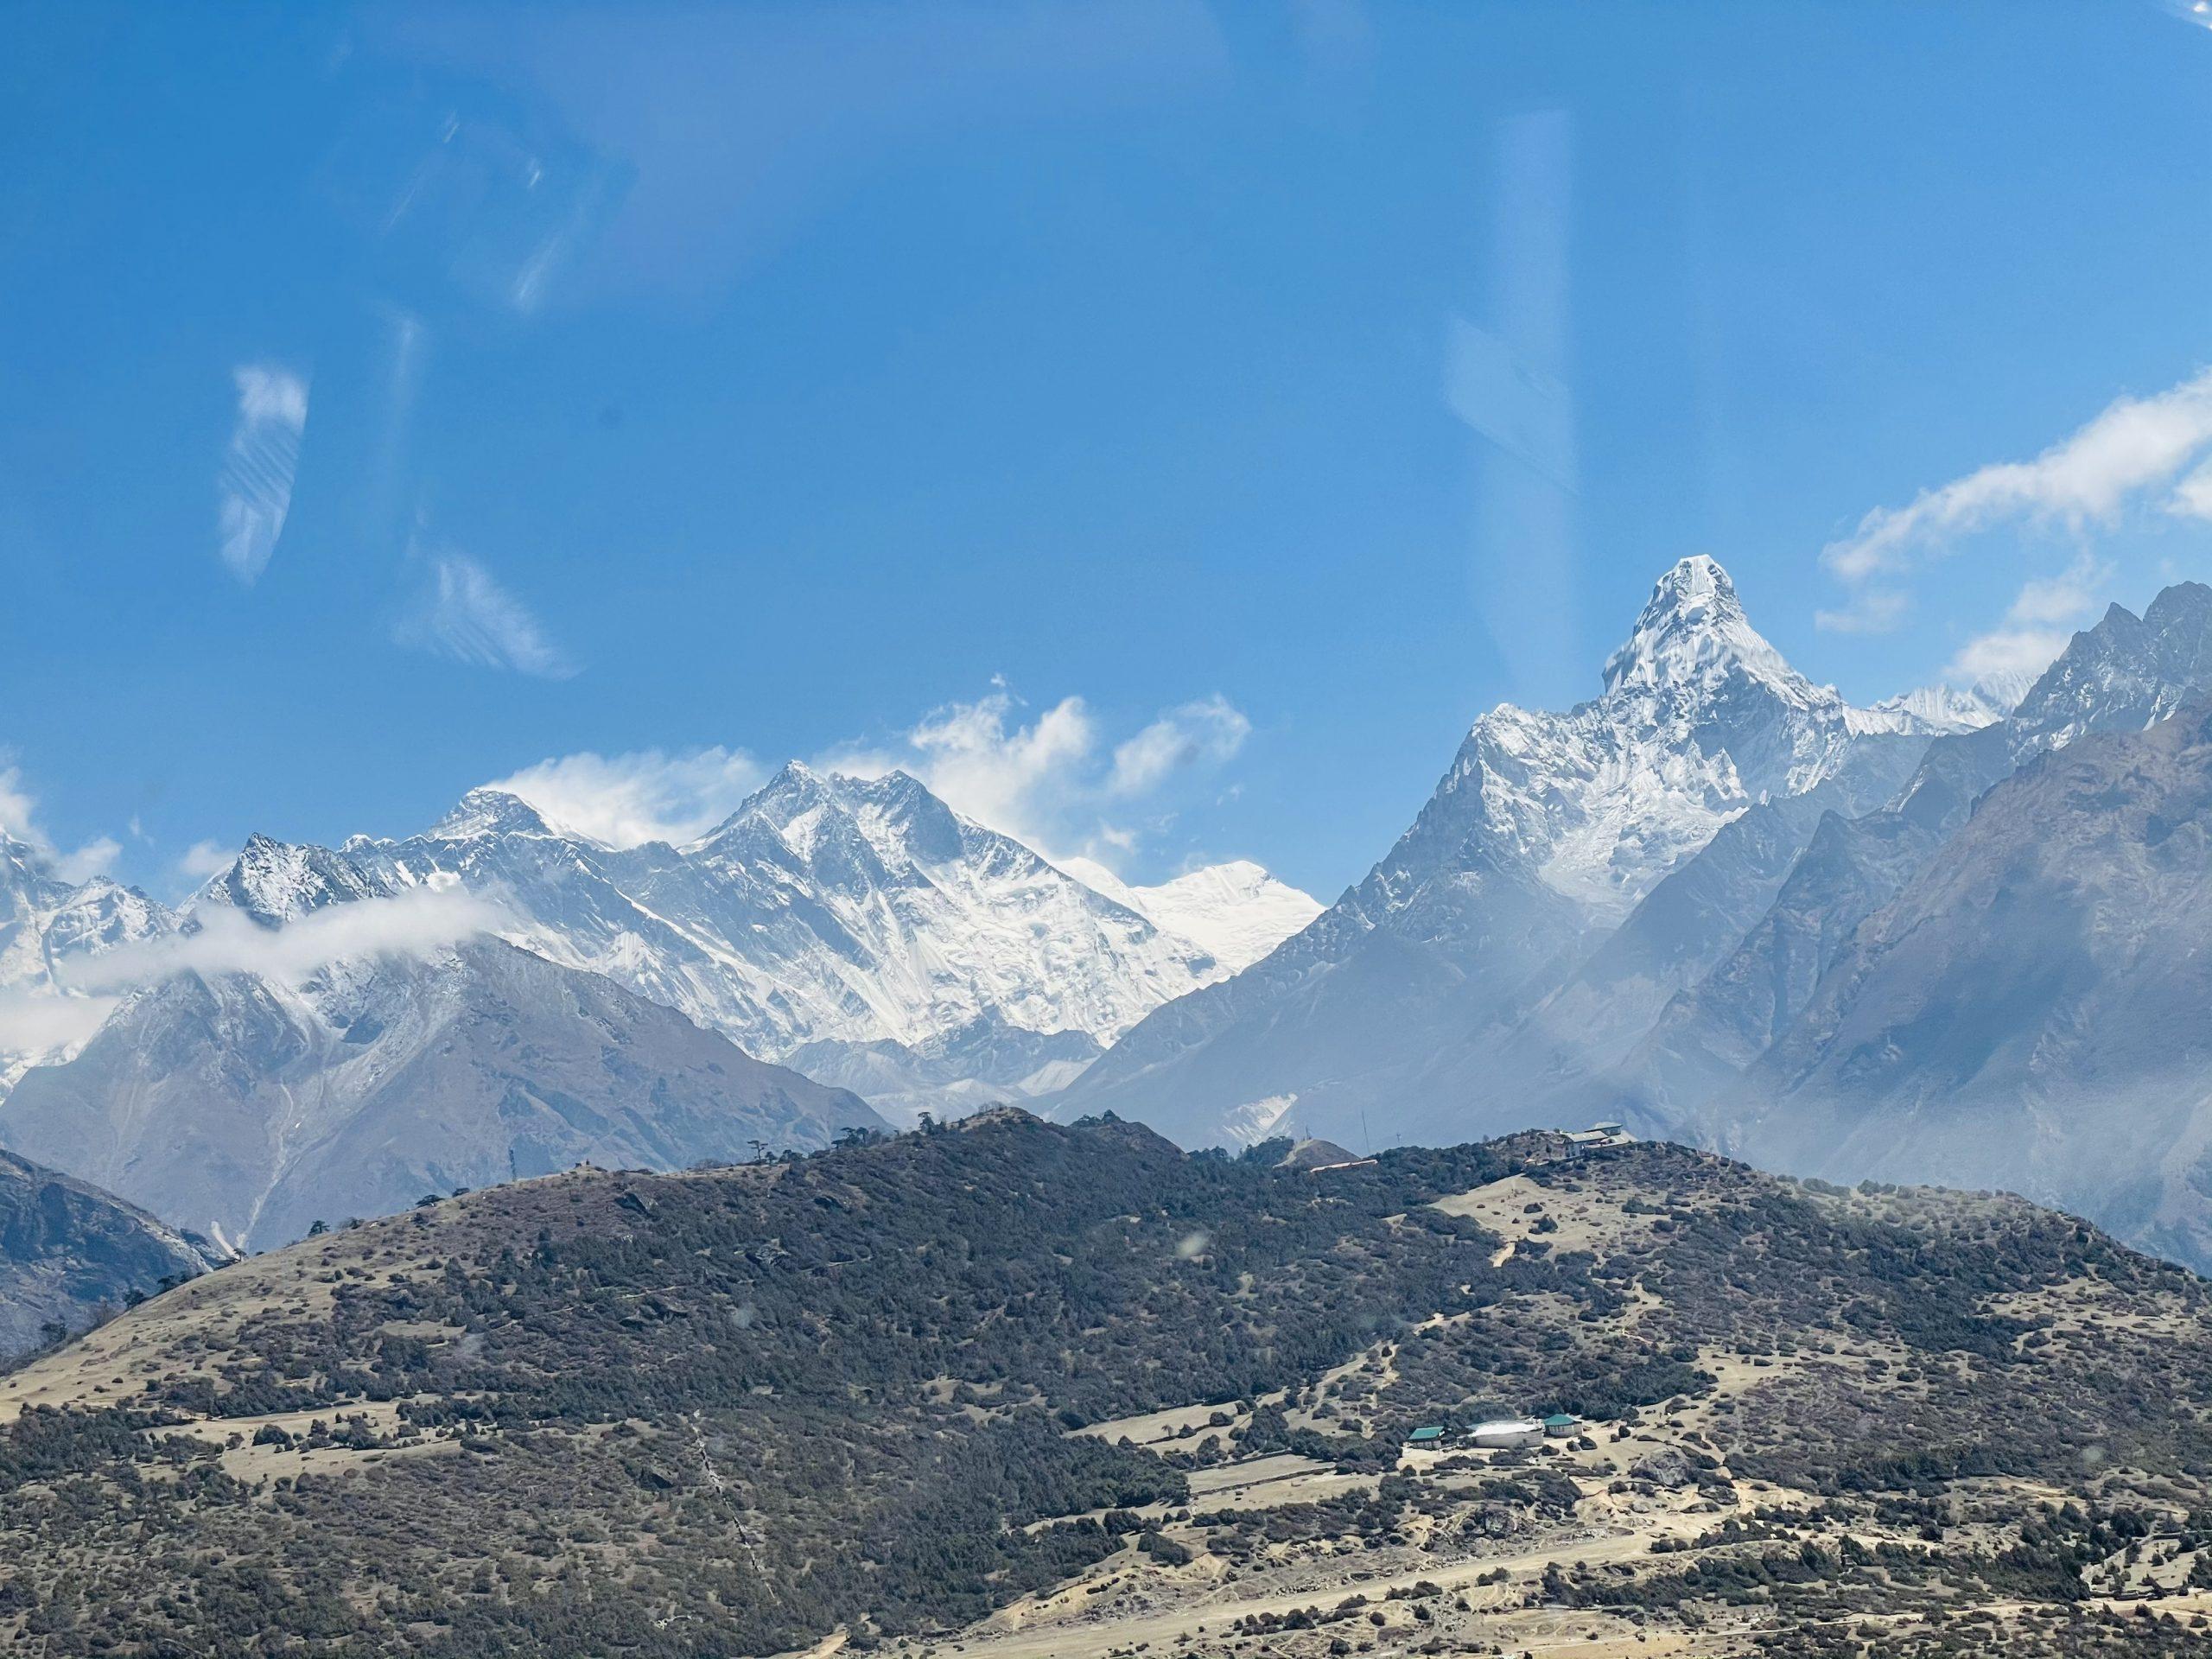 Ensimmäinen näkymä Everestille